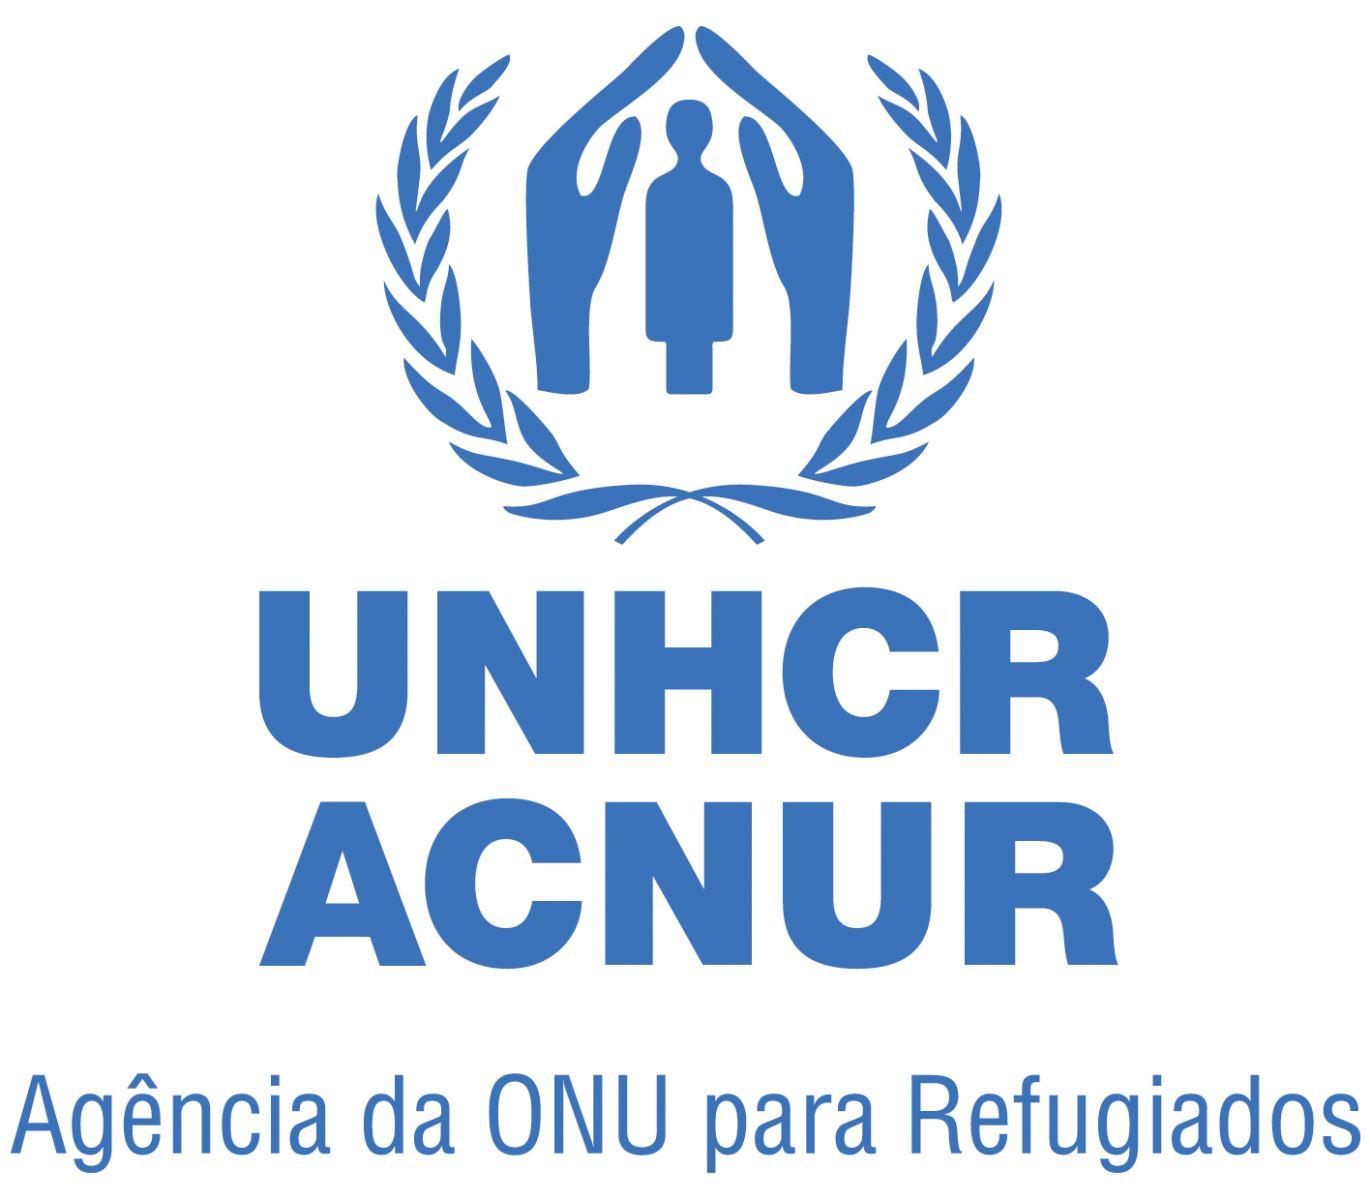 agência onu para refugiados